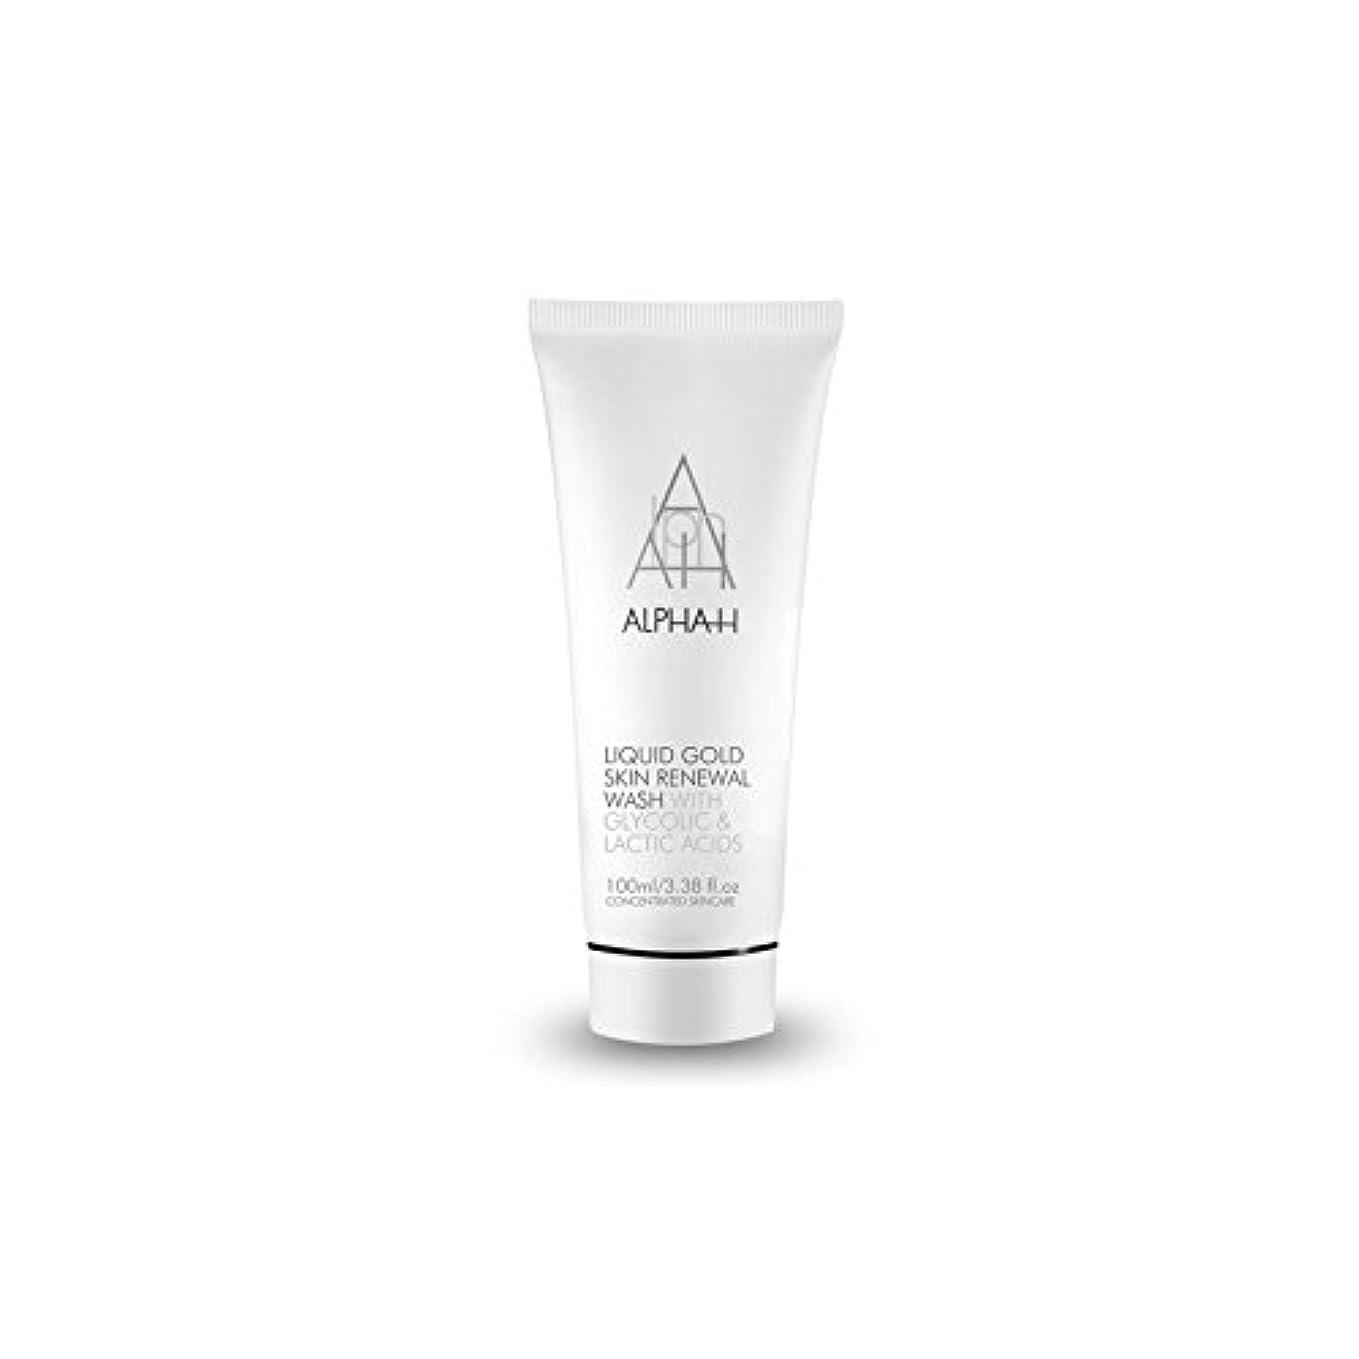 合体正統派リッチアルファのゴールドスキンリニューアルウォッシュ(100ミリリットル) x4 - Alpha H Gold Skin Renewal Wash (100ml) (Pack of 4) [並行輸入品]